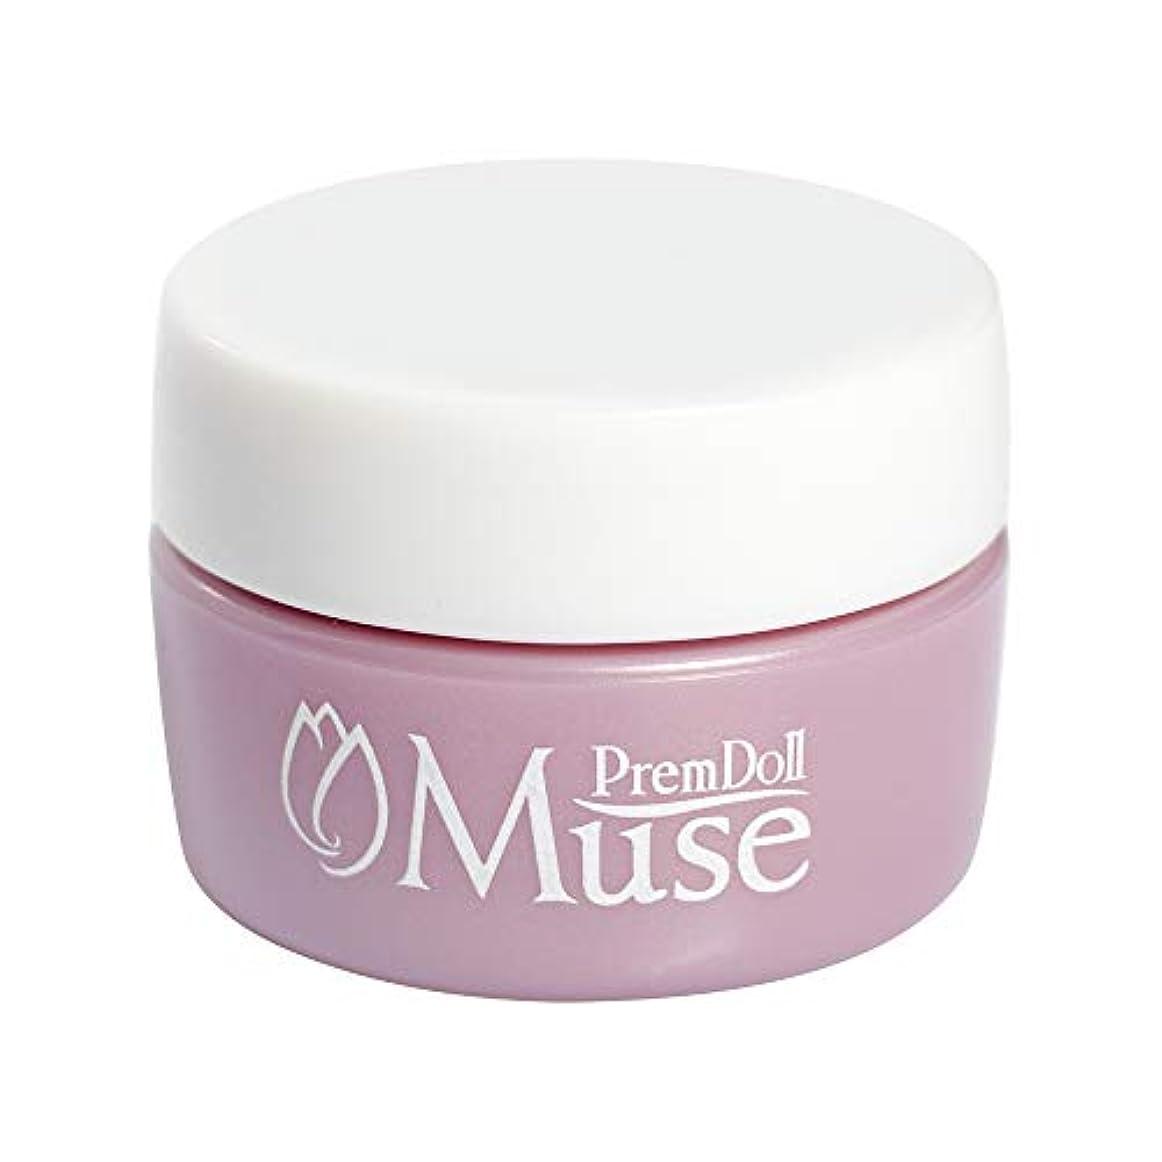 クラッシュインスタントボリュームPremDoll Muse カラージェル シャンデリアスパンコール414 4g PDM-G414